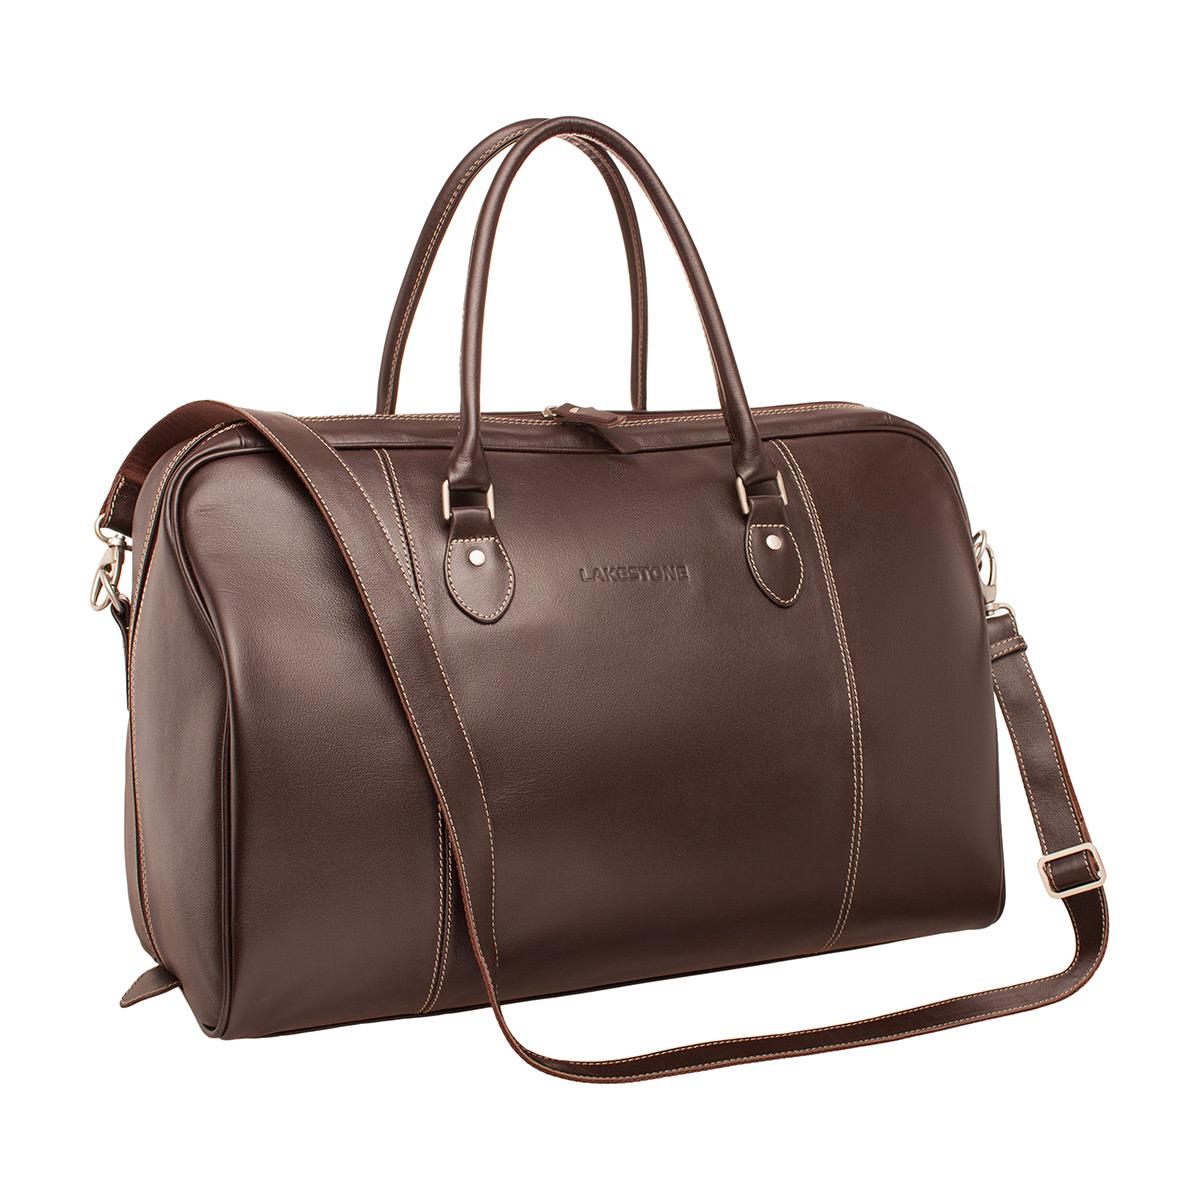 Дорожная сумка кожаная Lakestone 974081BU коричневая 50 x 21 x 37 фото